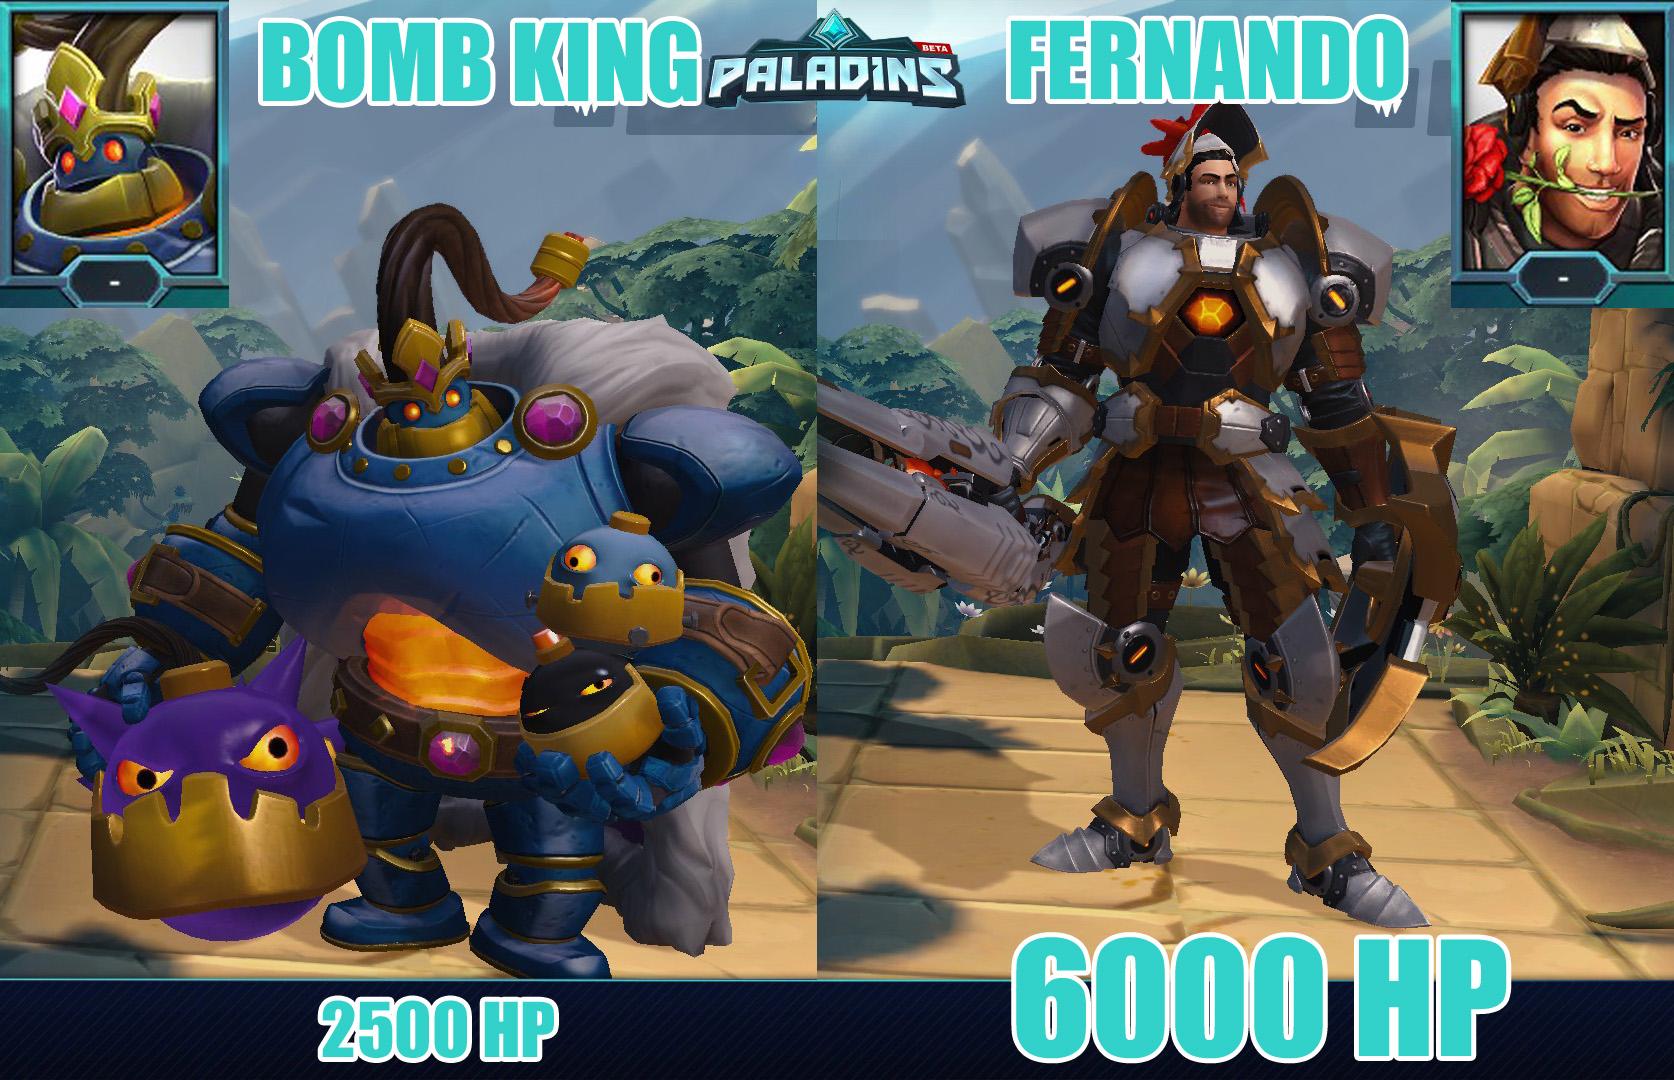 Image de Fernando et Bomb King et de leur portrait